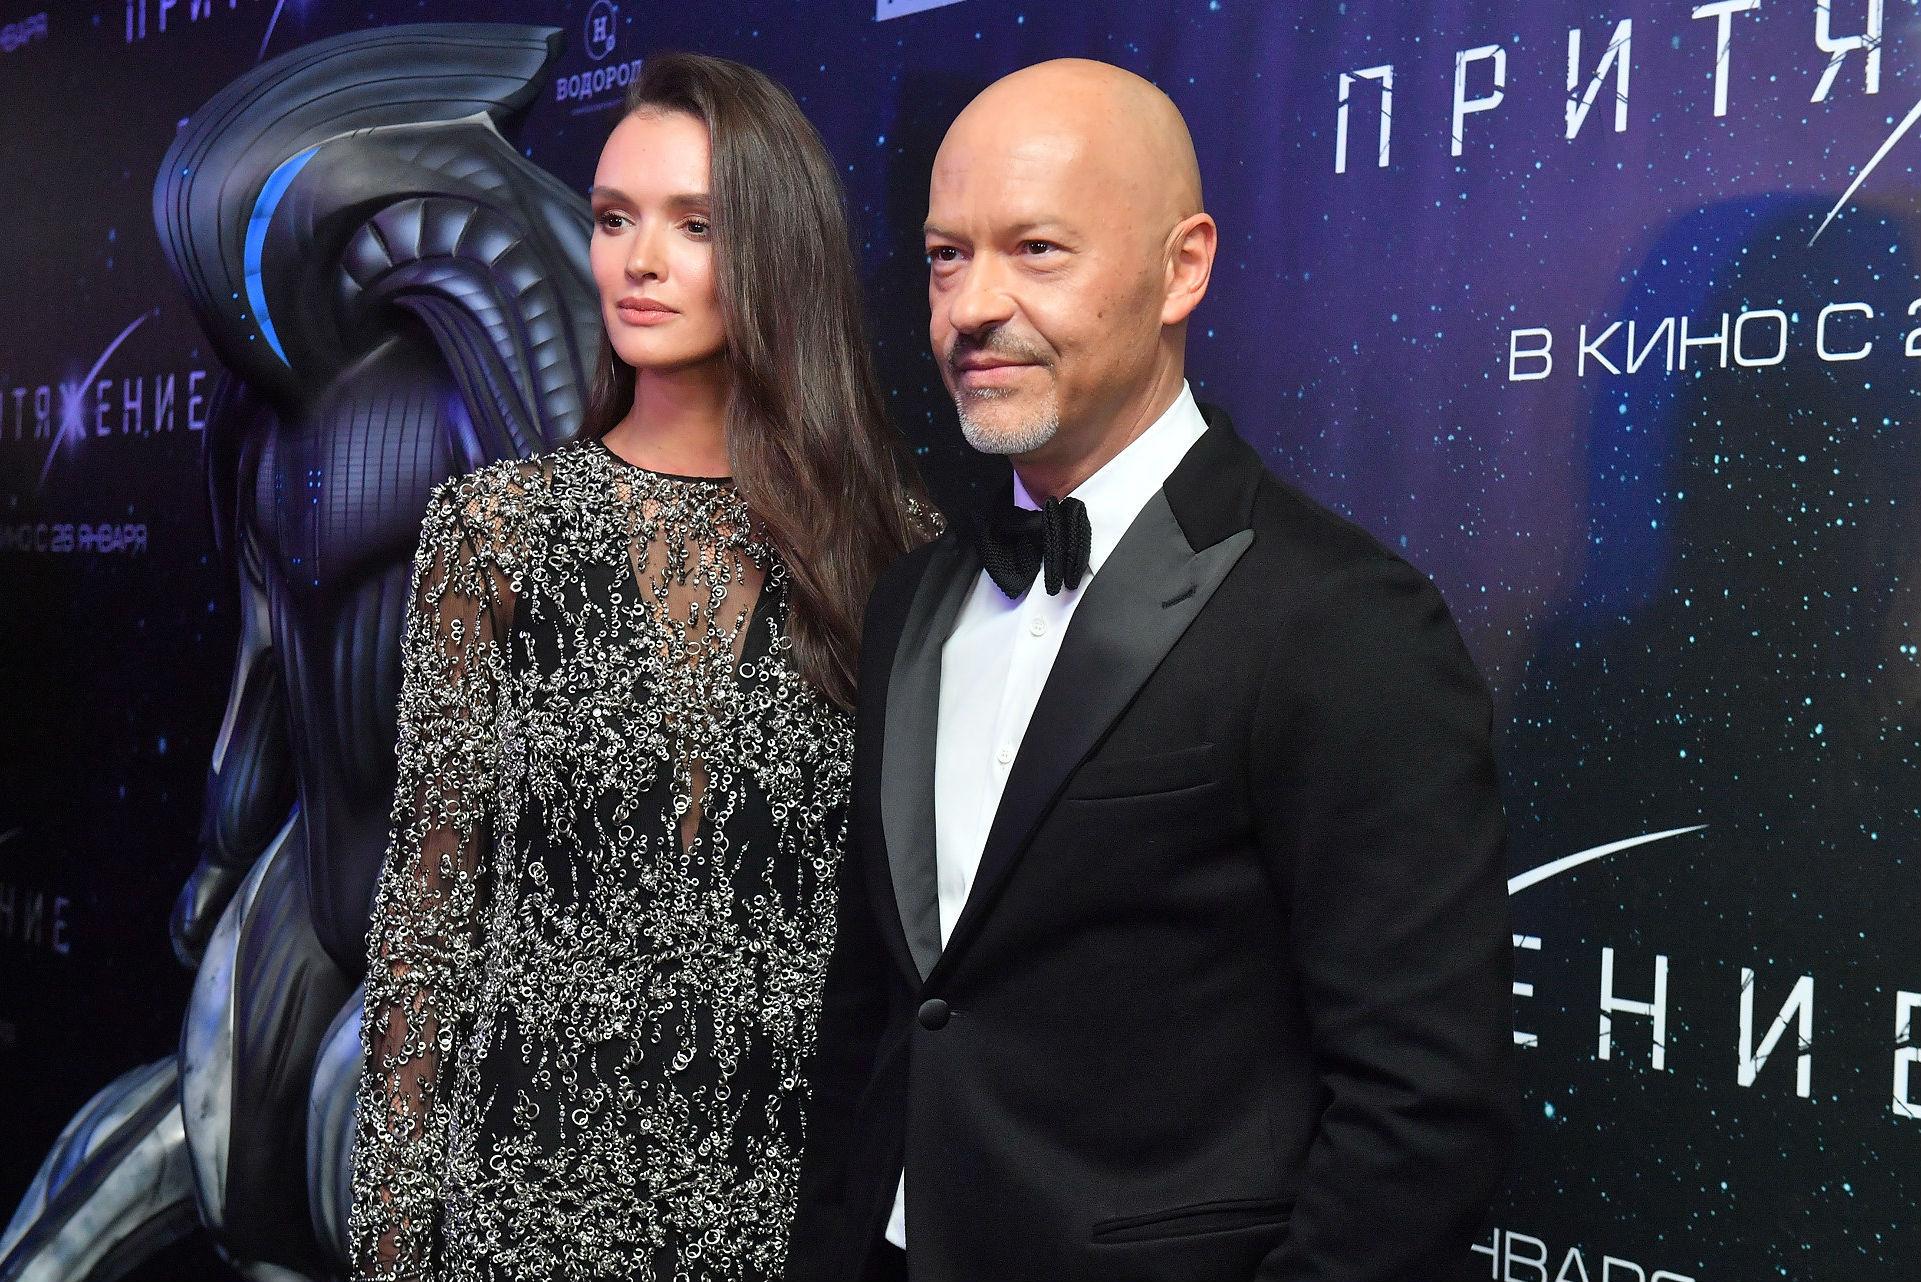 Бородач Петр Федоров впервые вышел в свет в новом образе